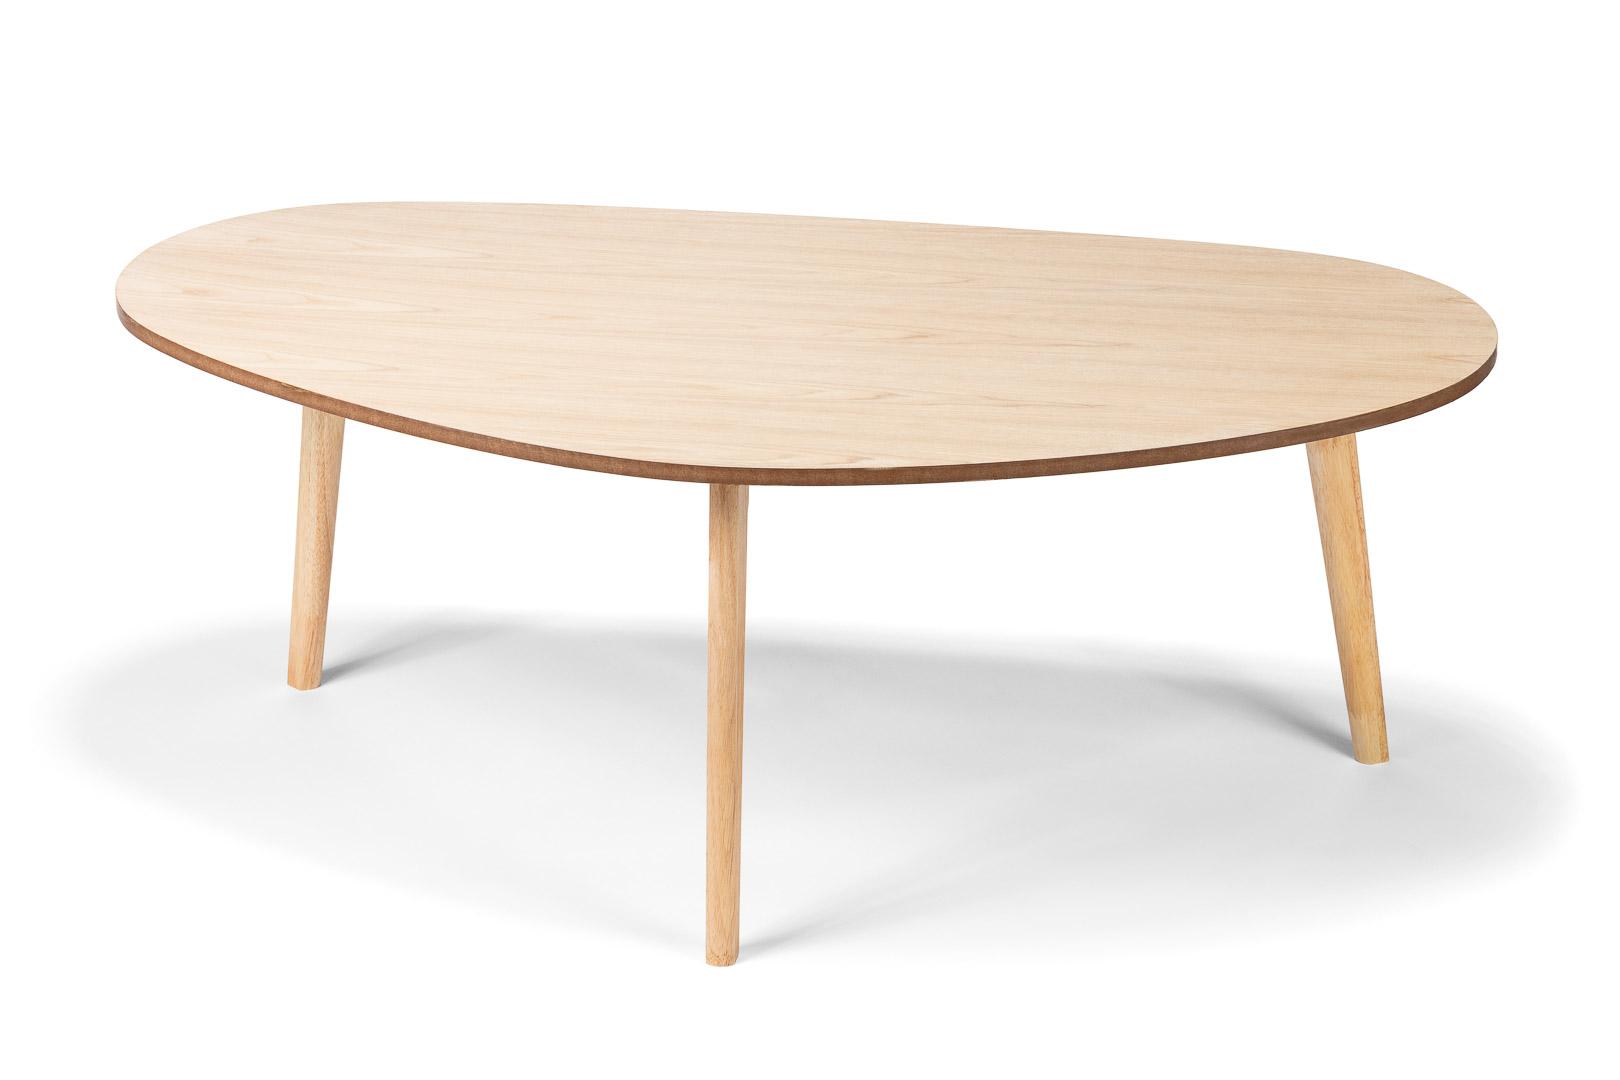 Konferenční stůl SKANDINAVIAN 120x60 přírodní, cena za ks